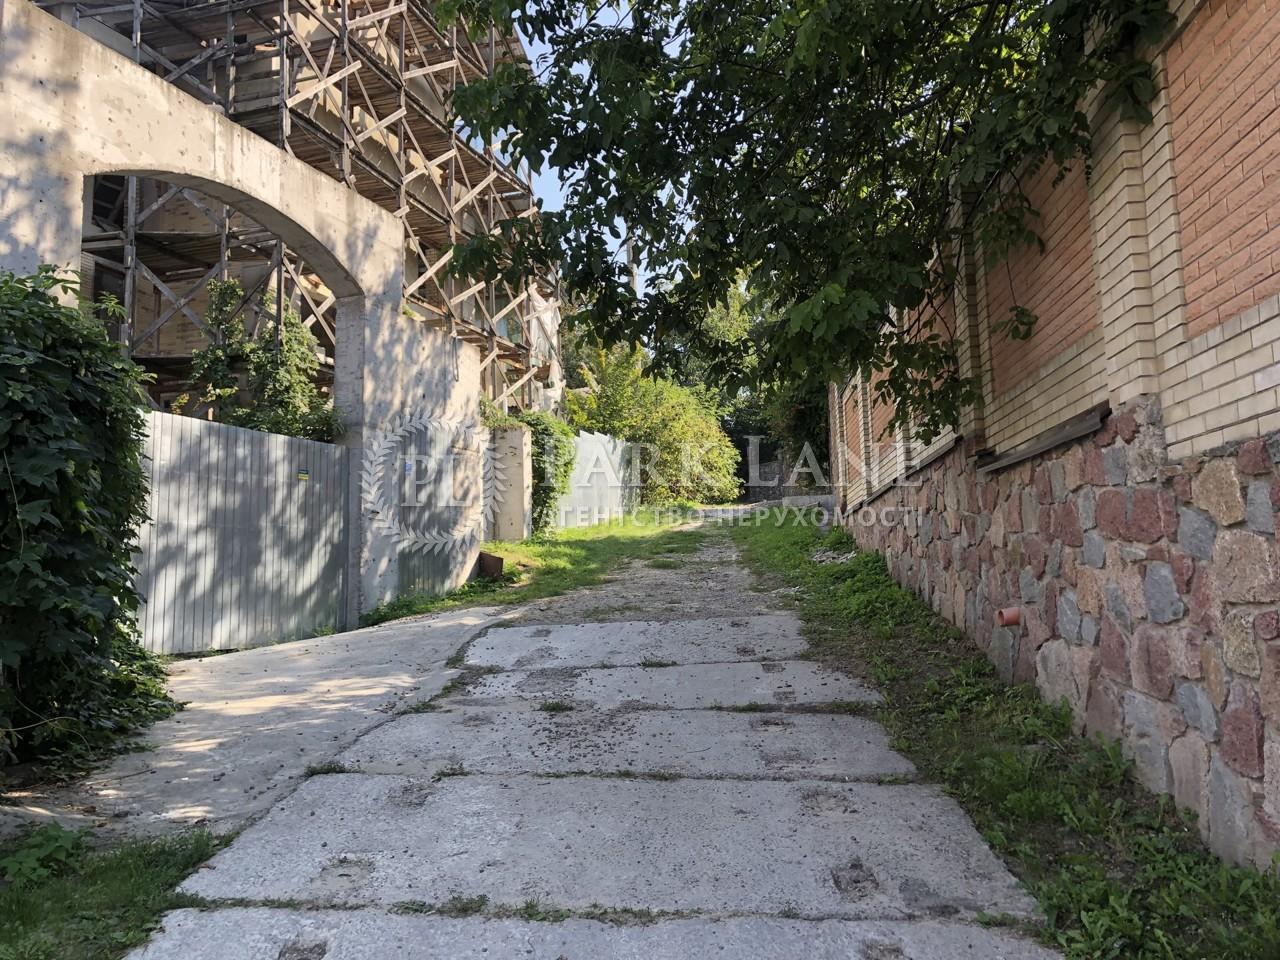 Земельный участок ул. Землянская, Киев, R-39569 - Фото 3